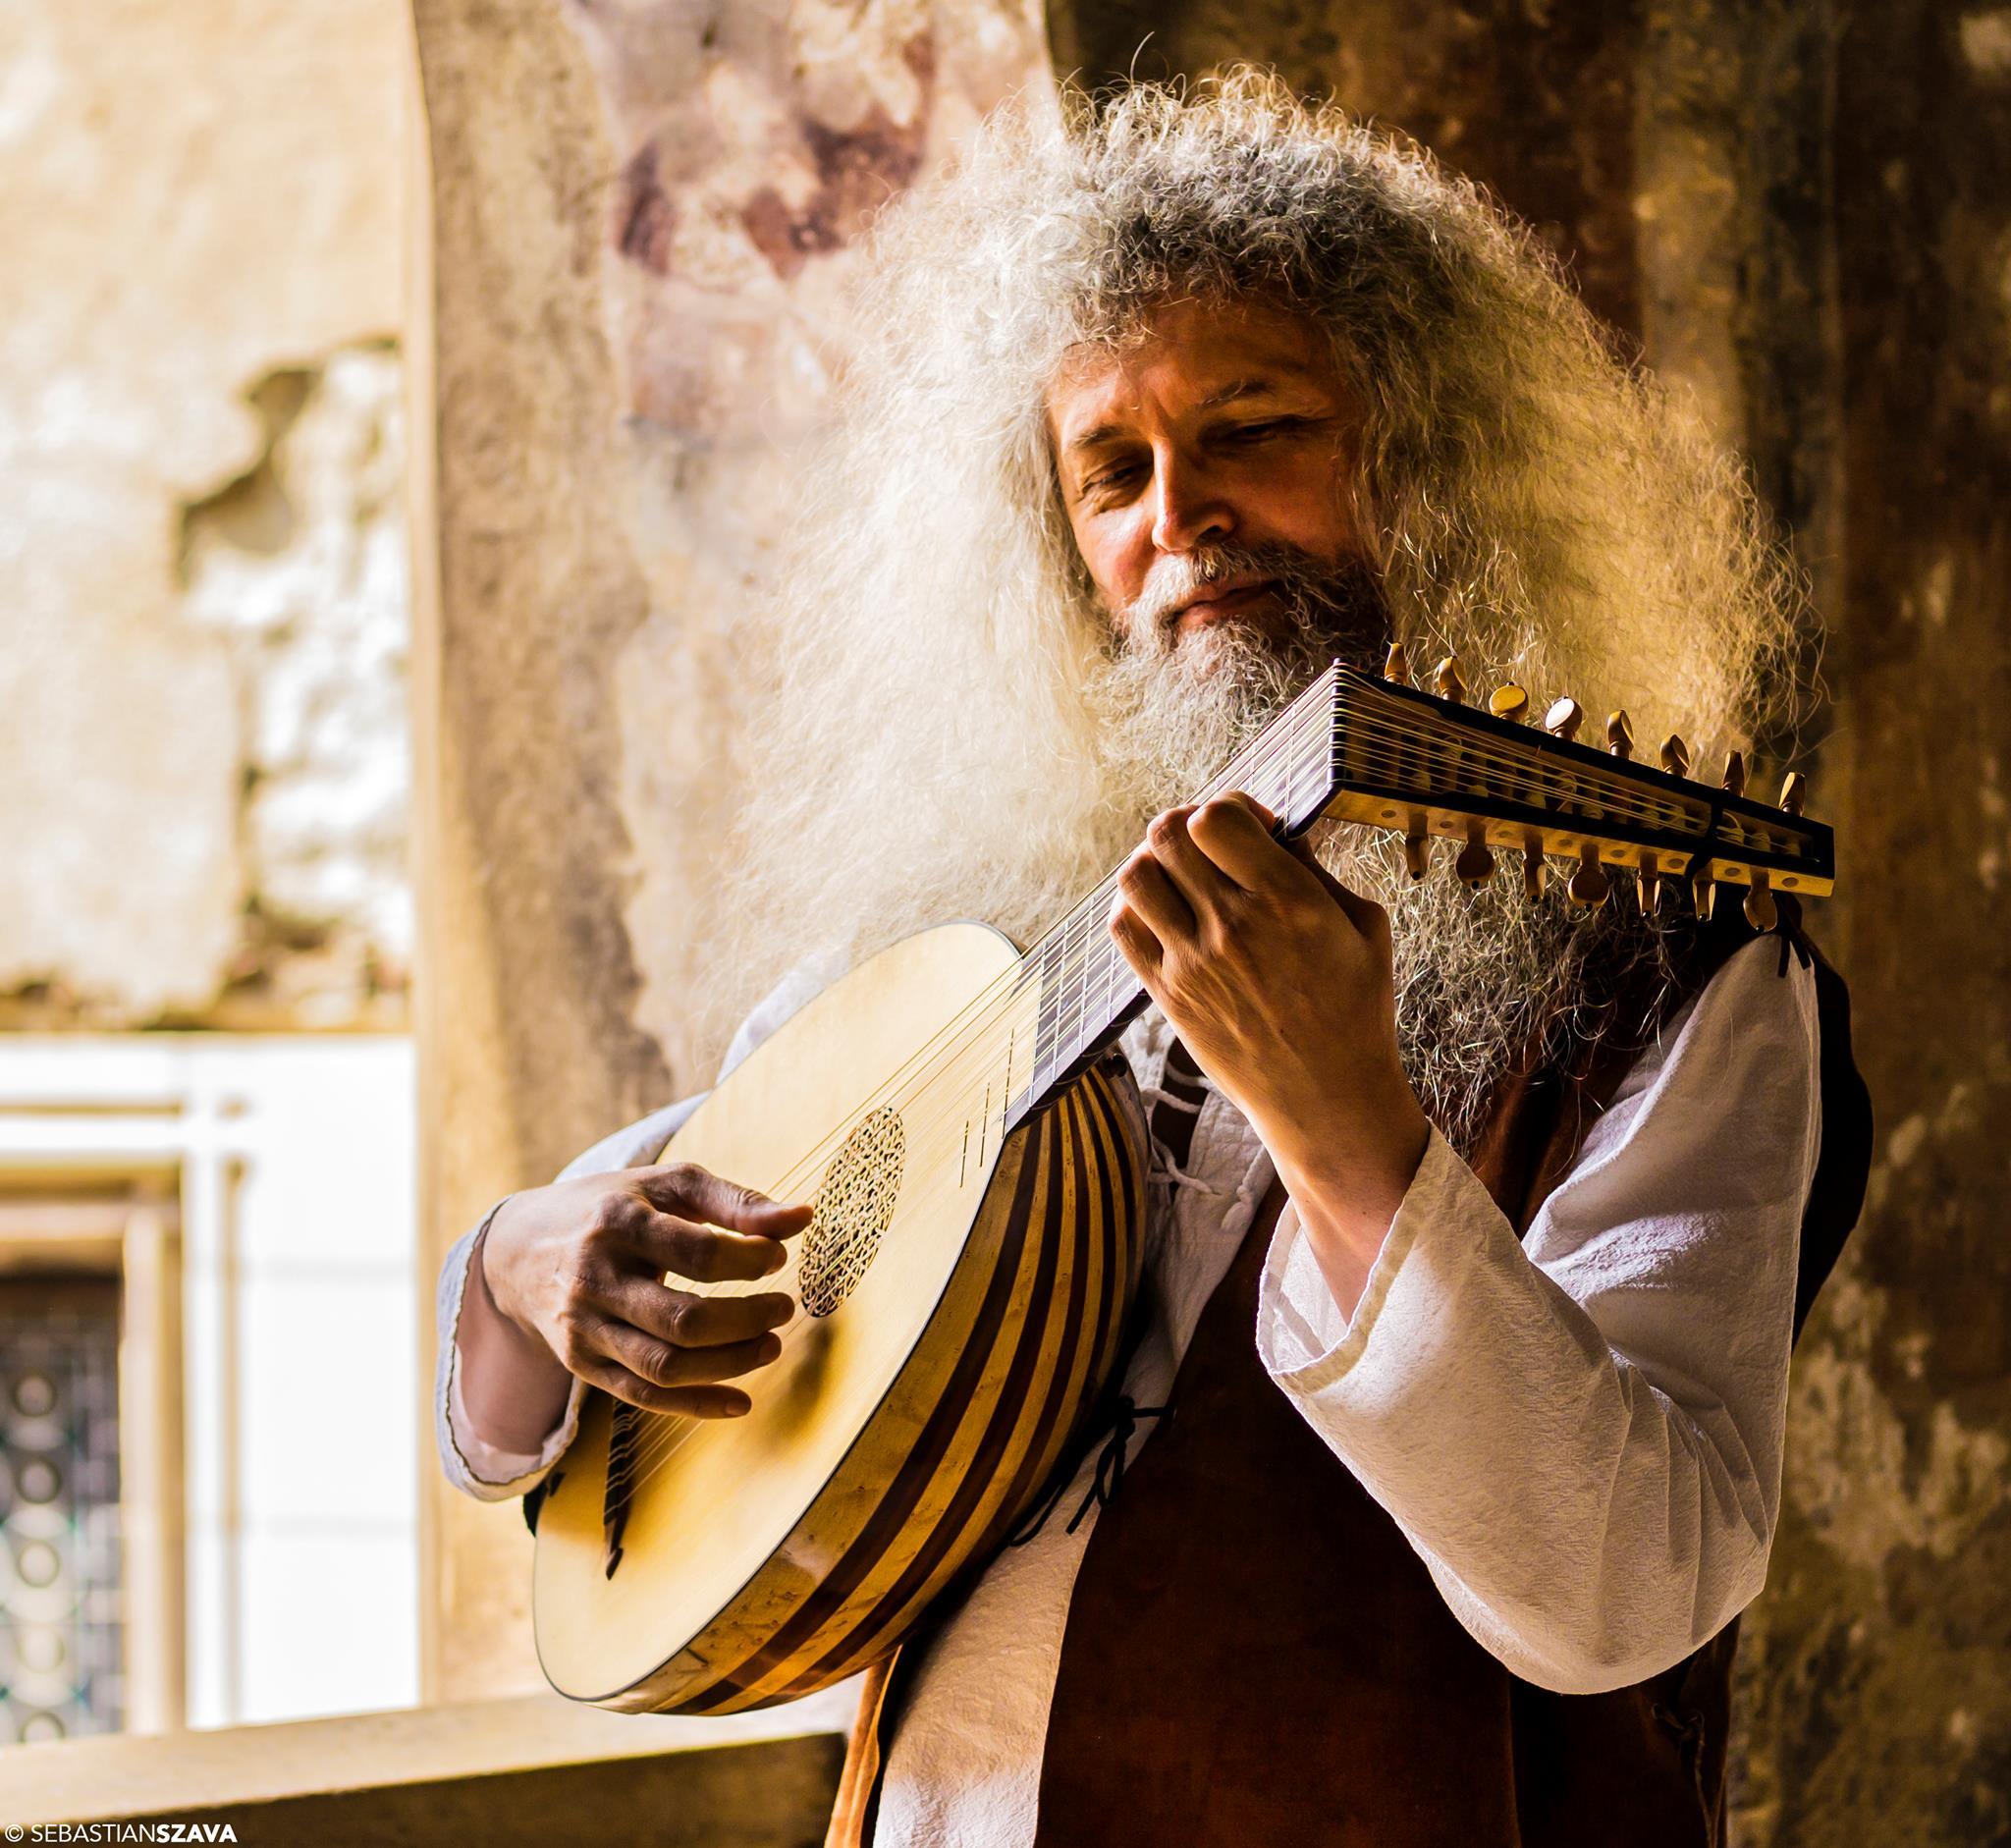 Menestrelul hunedorean Nicolae Szekely, în spectacol, de intensă emoție, la Palatul Brâncovenesc de la Mogoșoaia